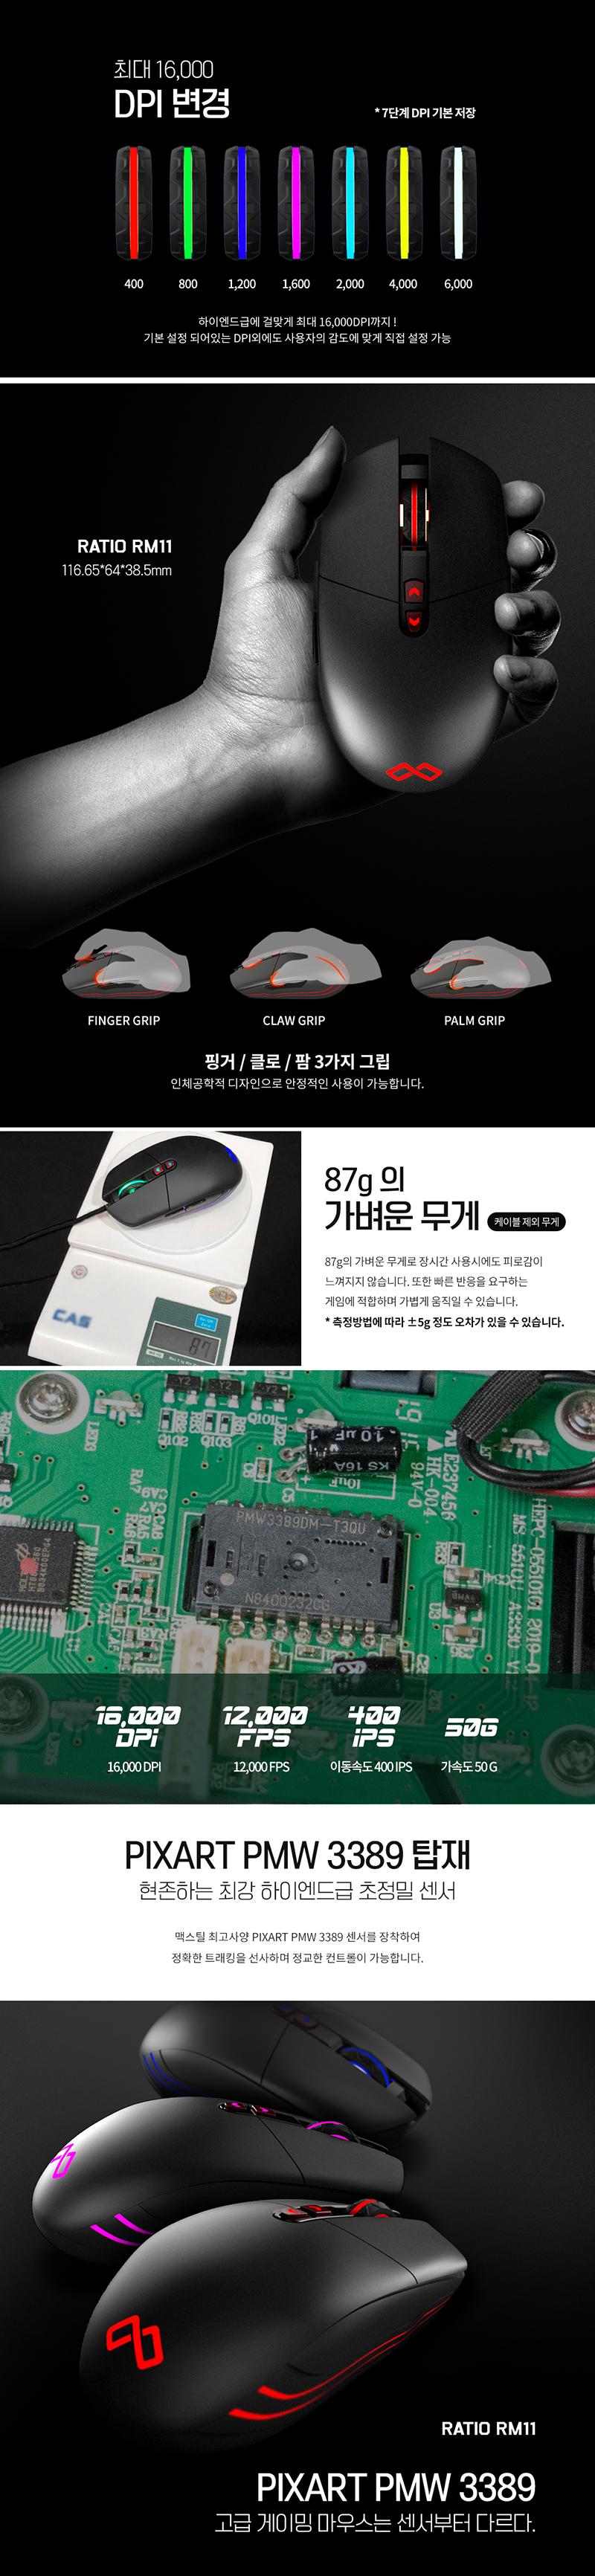 MAXTILL RATIO RM11 PMW 3389 게이밍 마우스